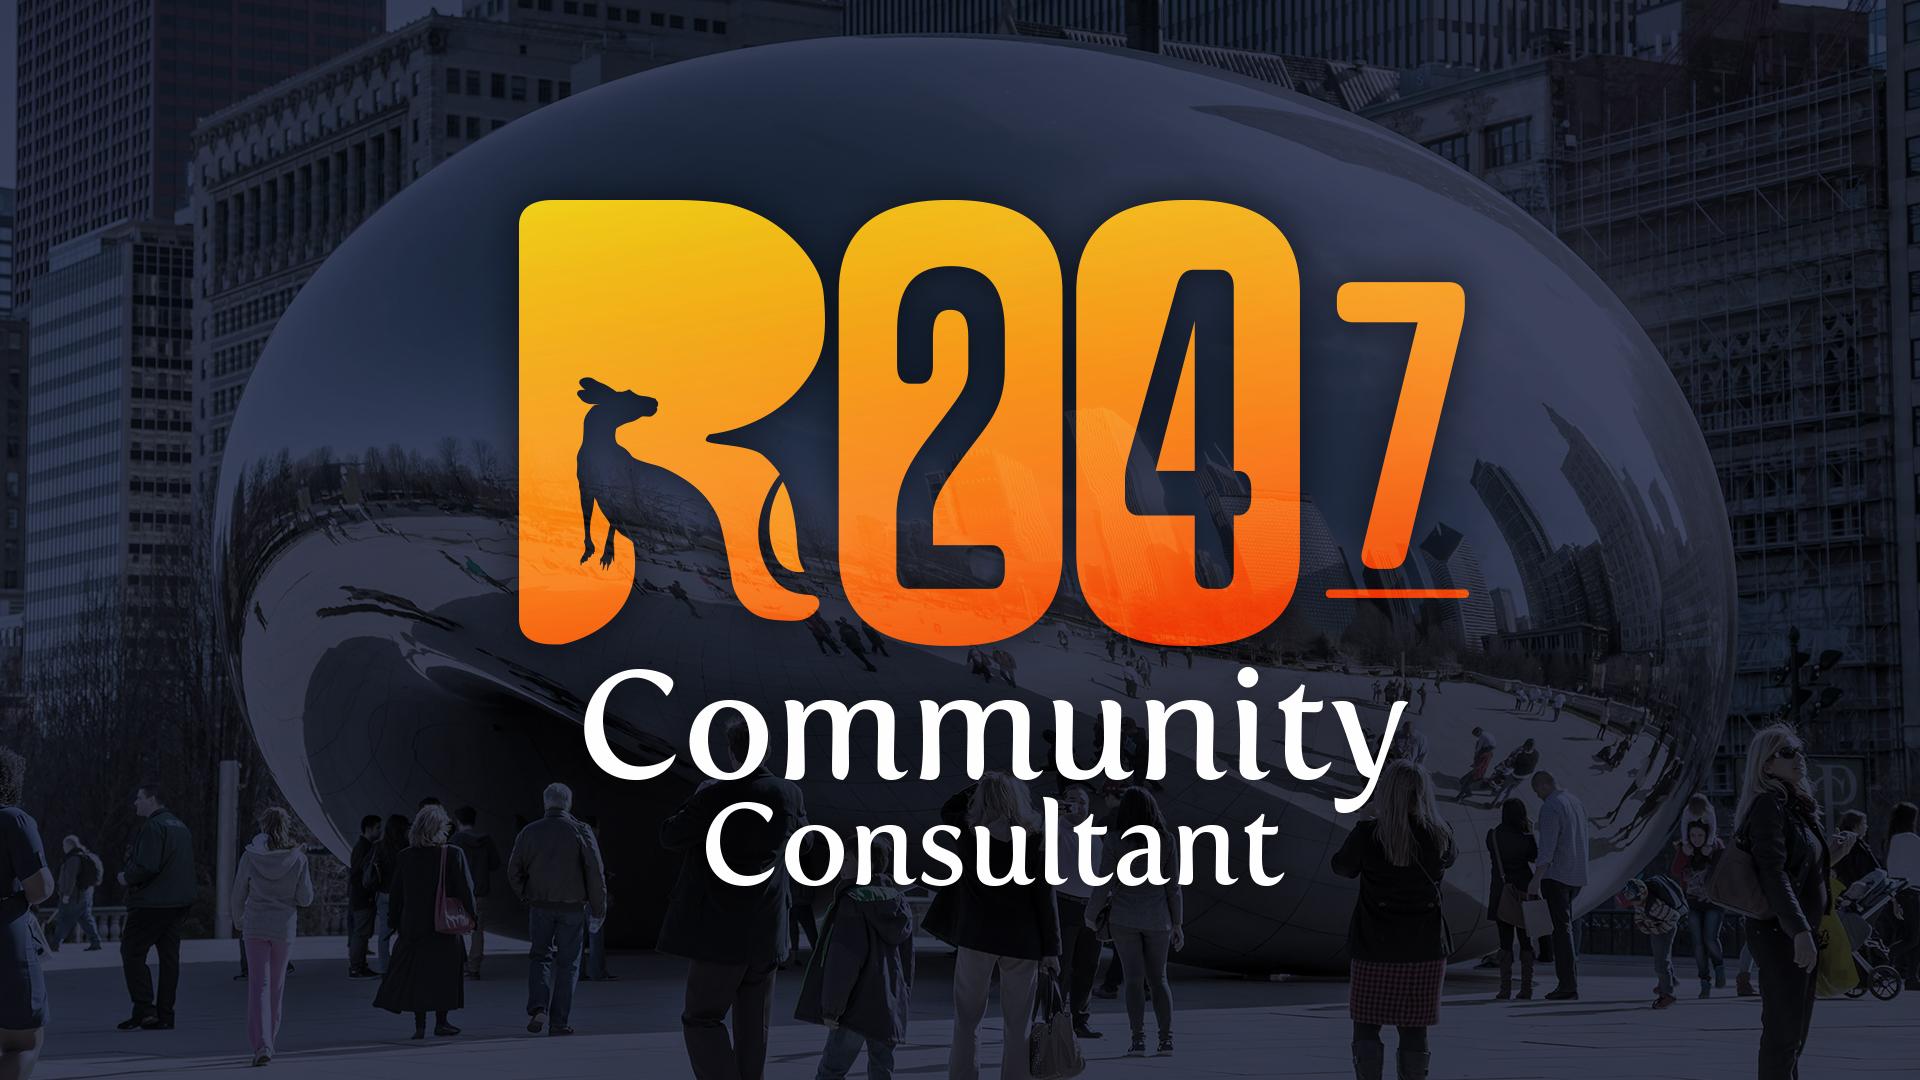 Roo247